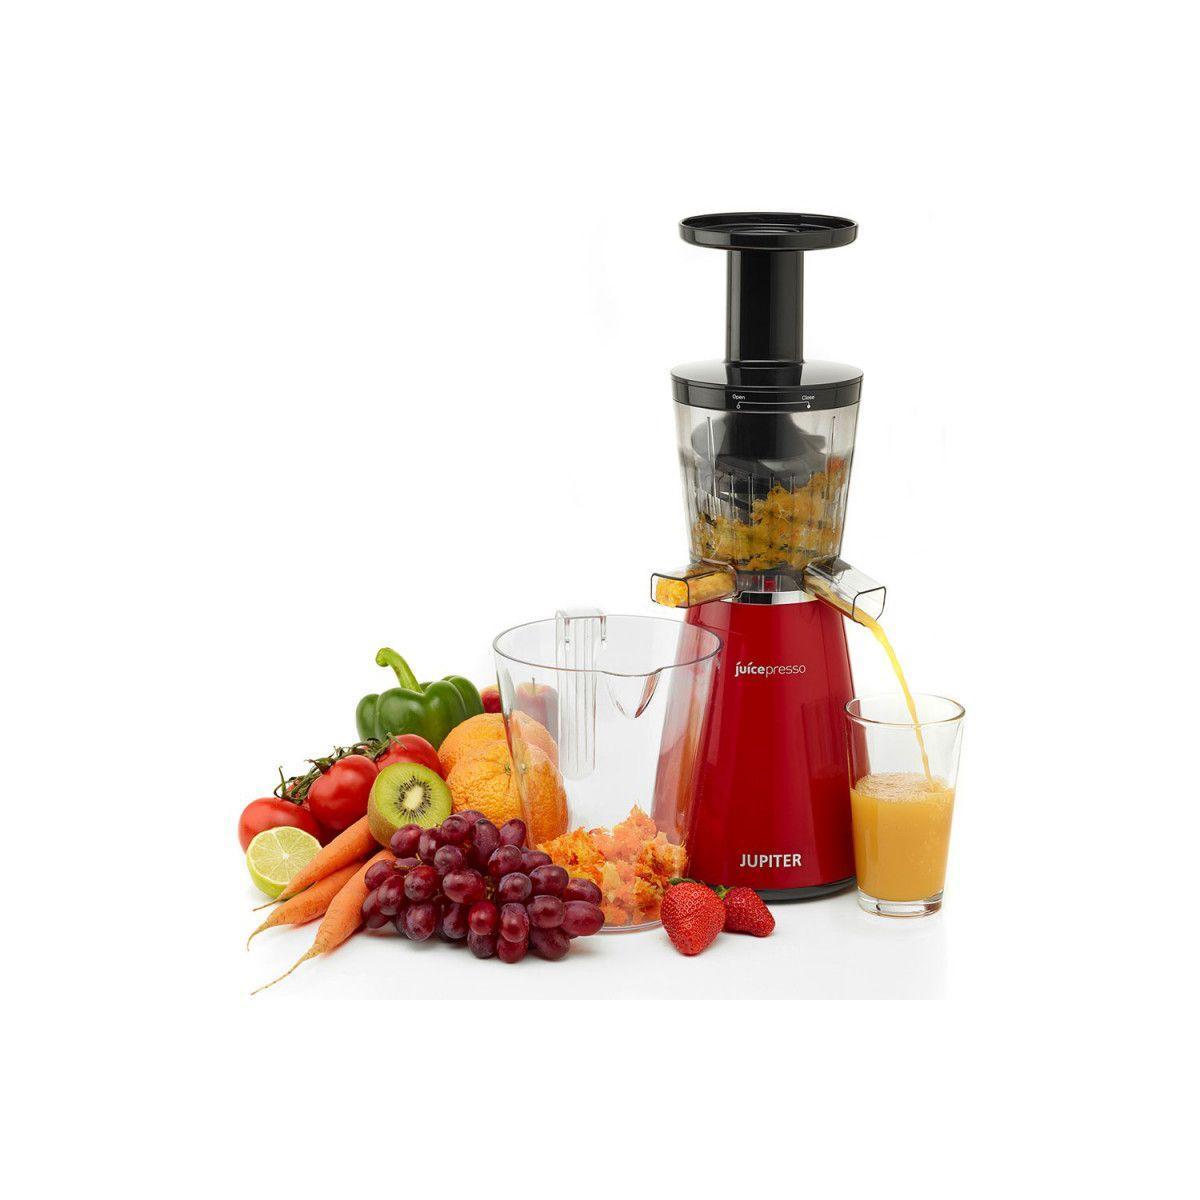 Extracteur de jus juicepresso 3 en 1 rouge - 10% de remise imm�diate avec le code : school10 (photo)